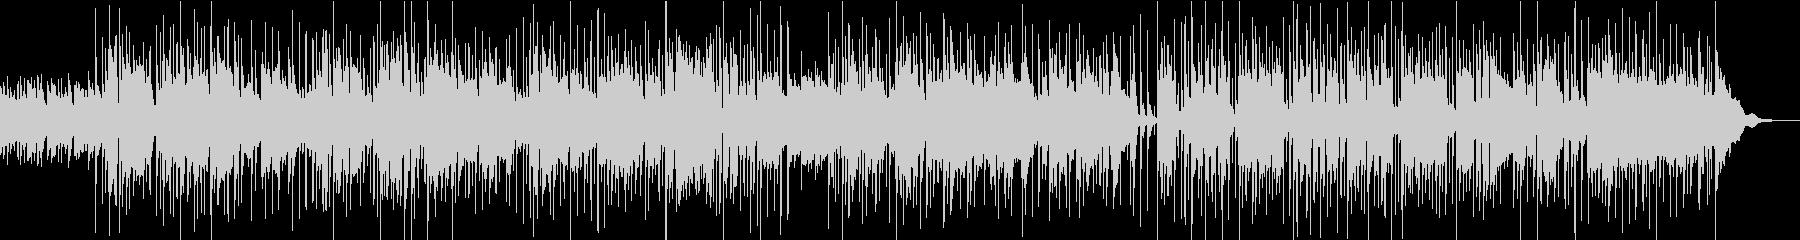 英詞、70sUK風12弦アコギの緩サイケの未再生の波形